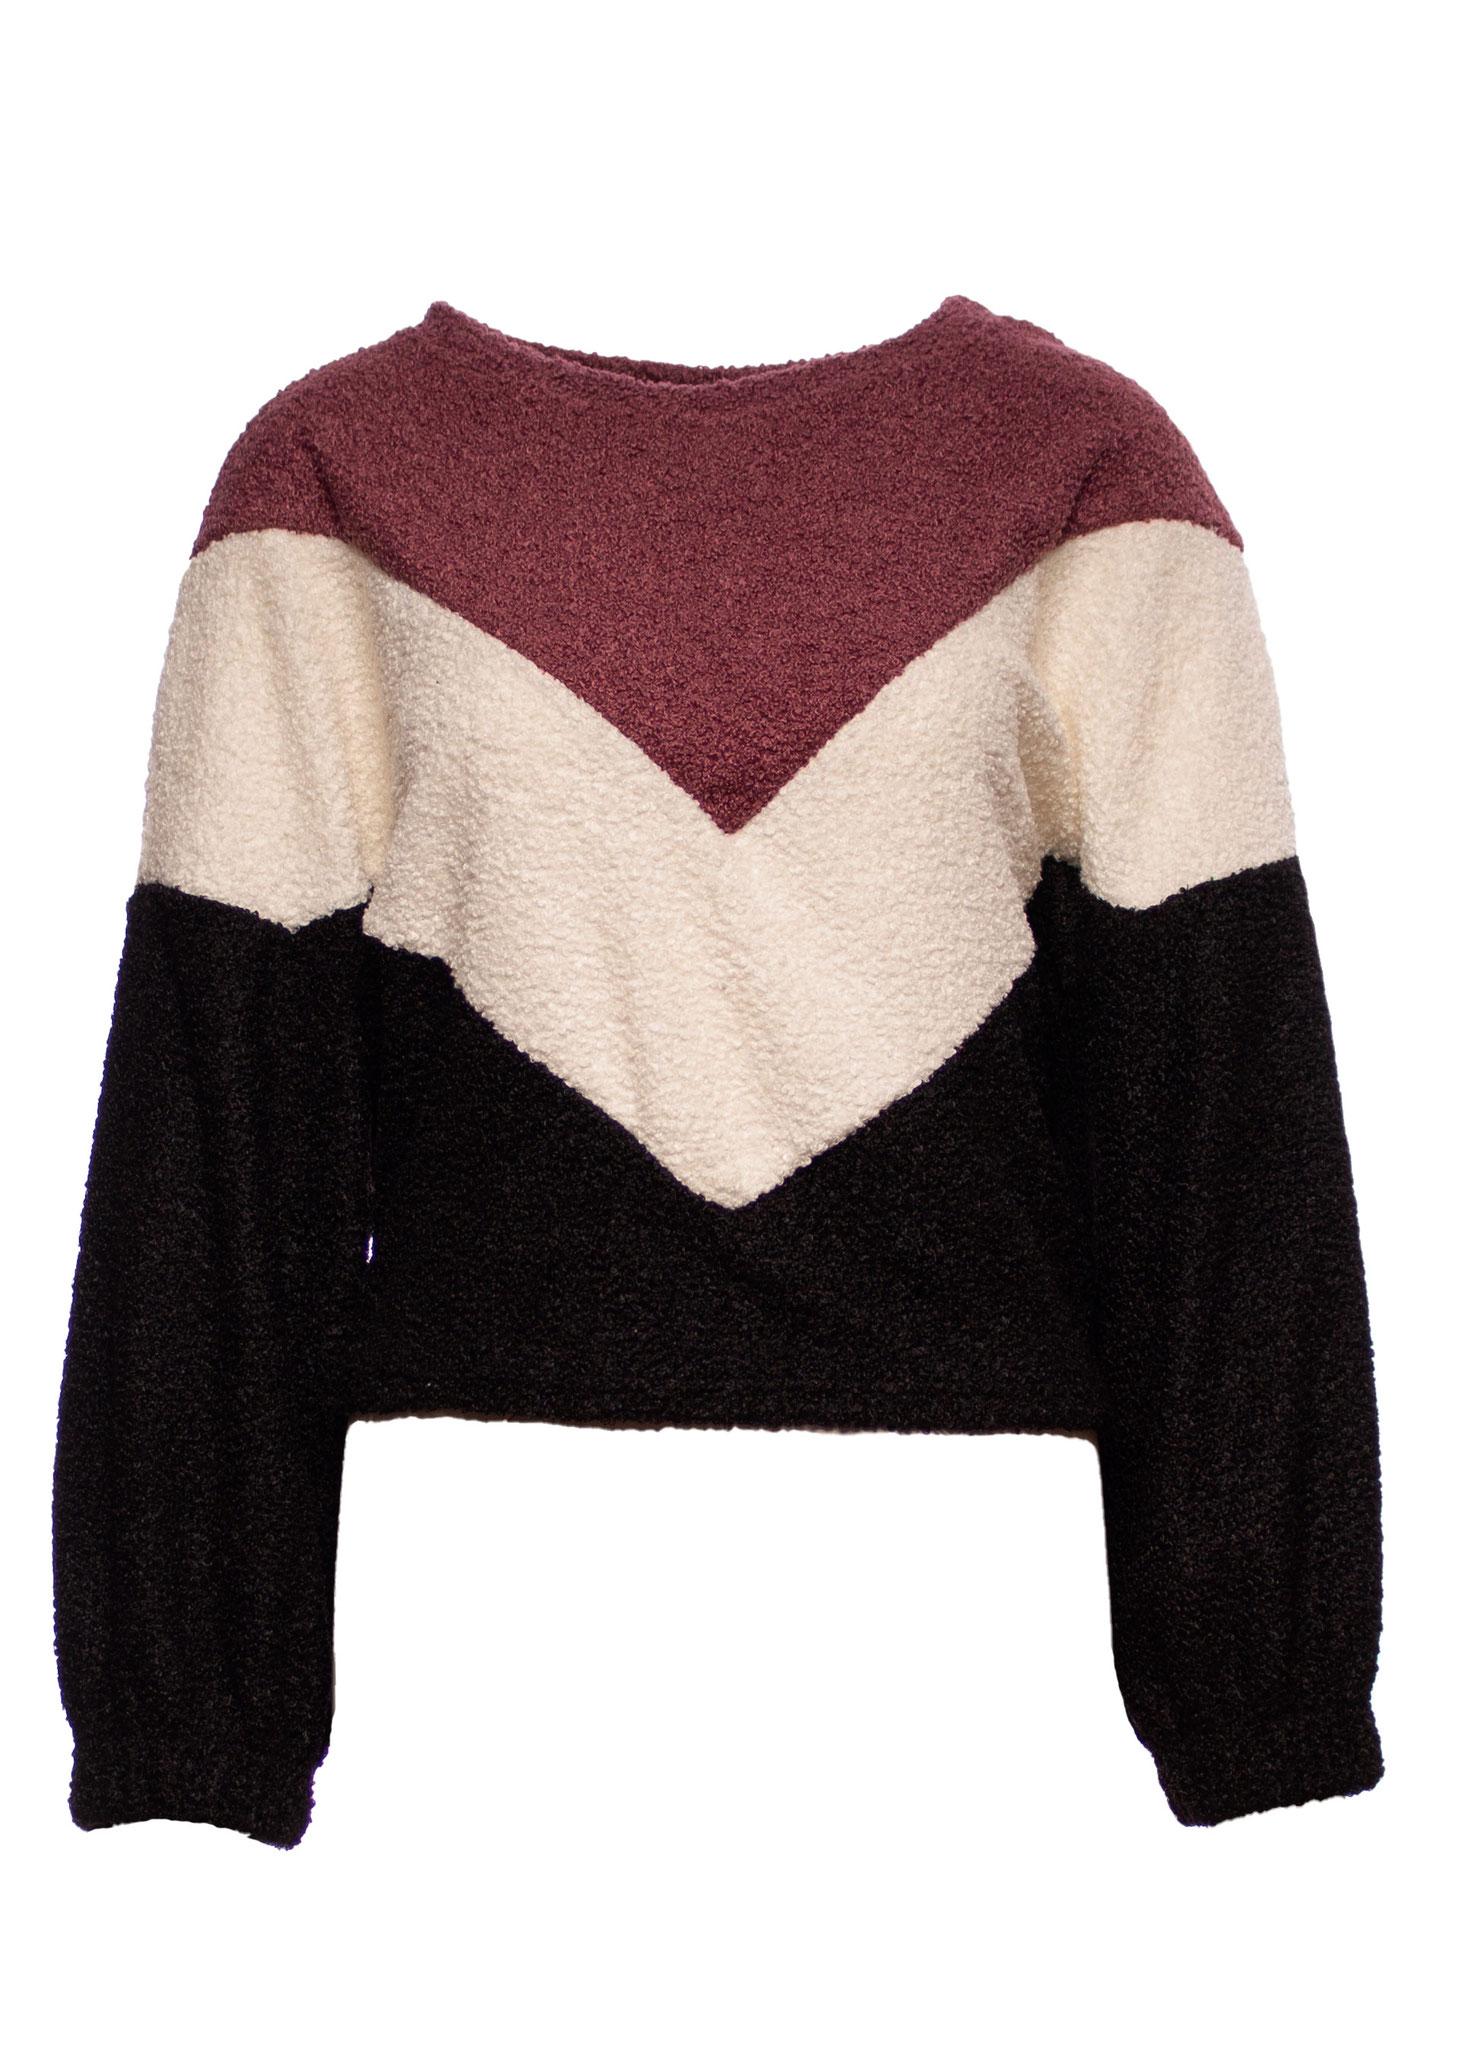 Sweatshirt 29,99€